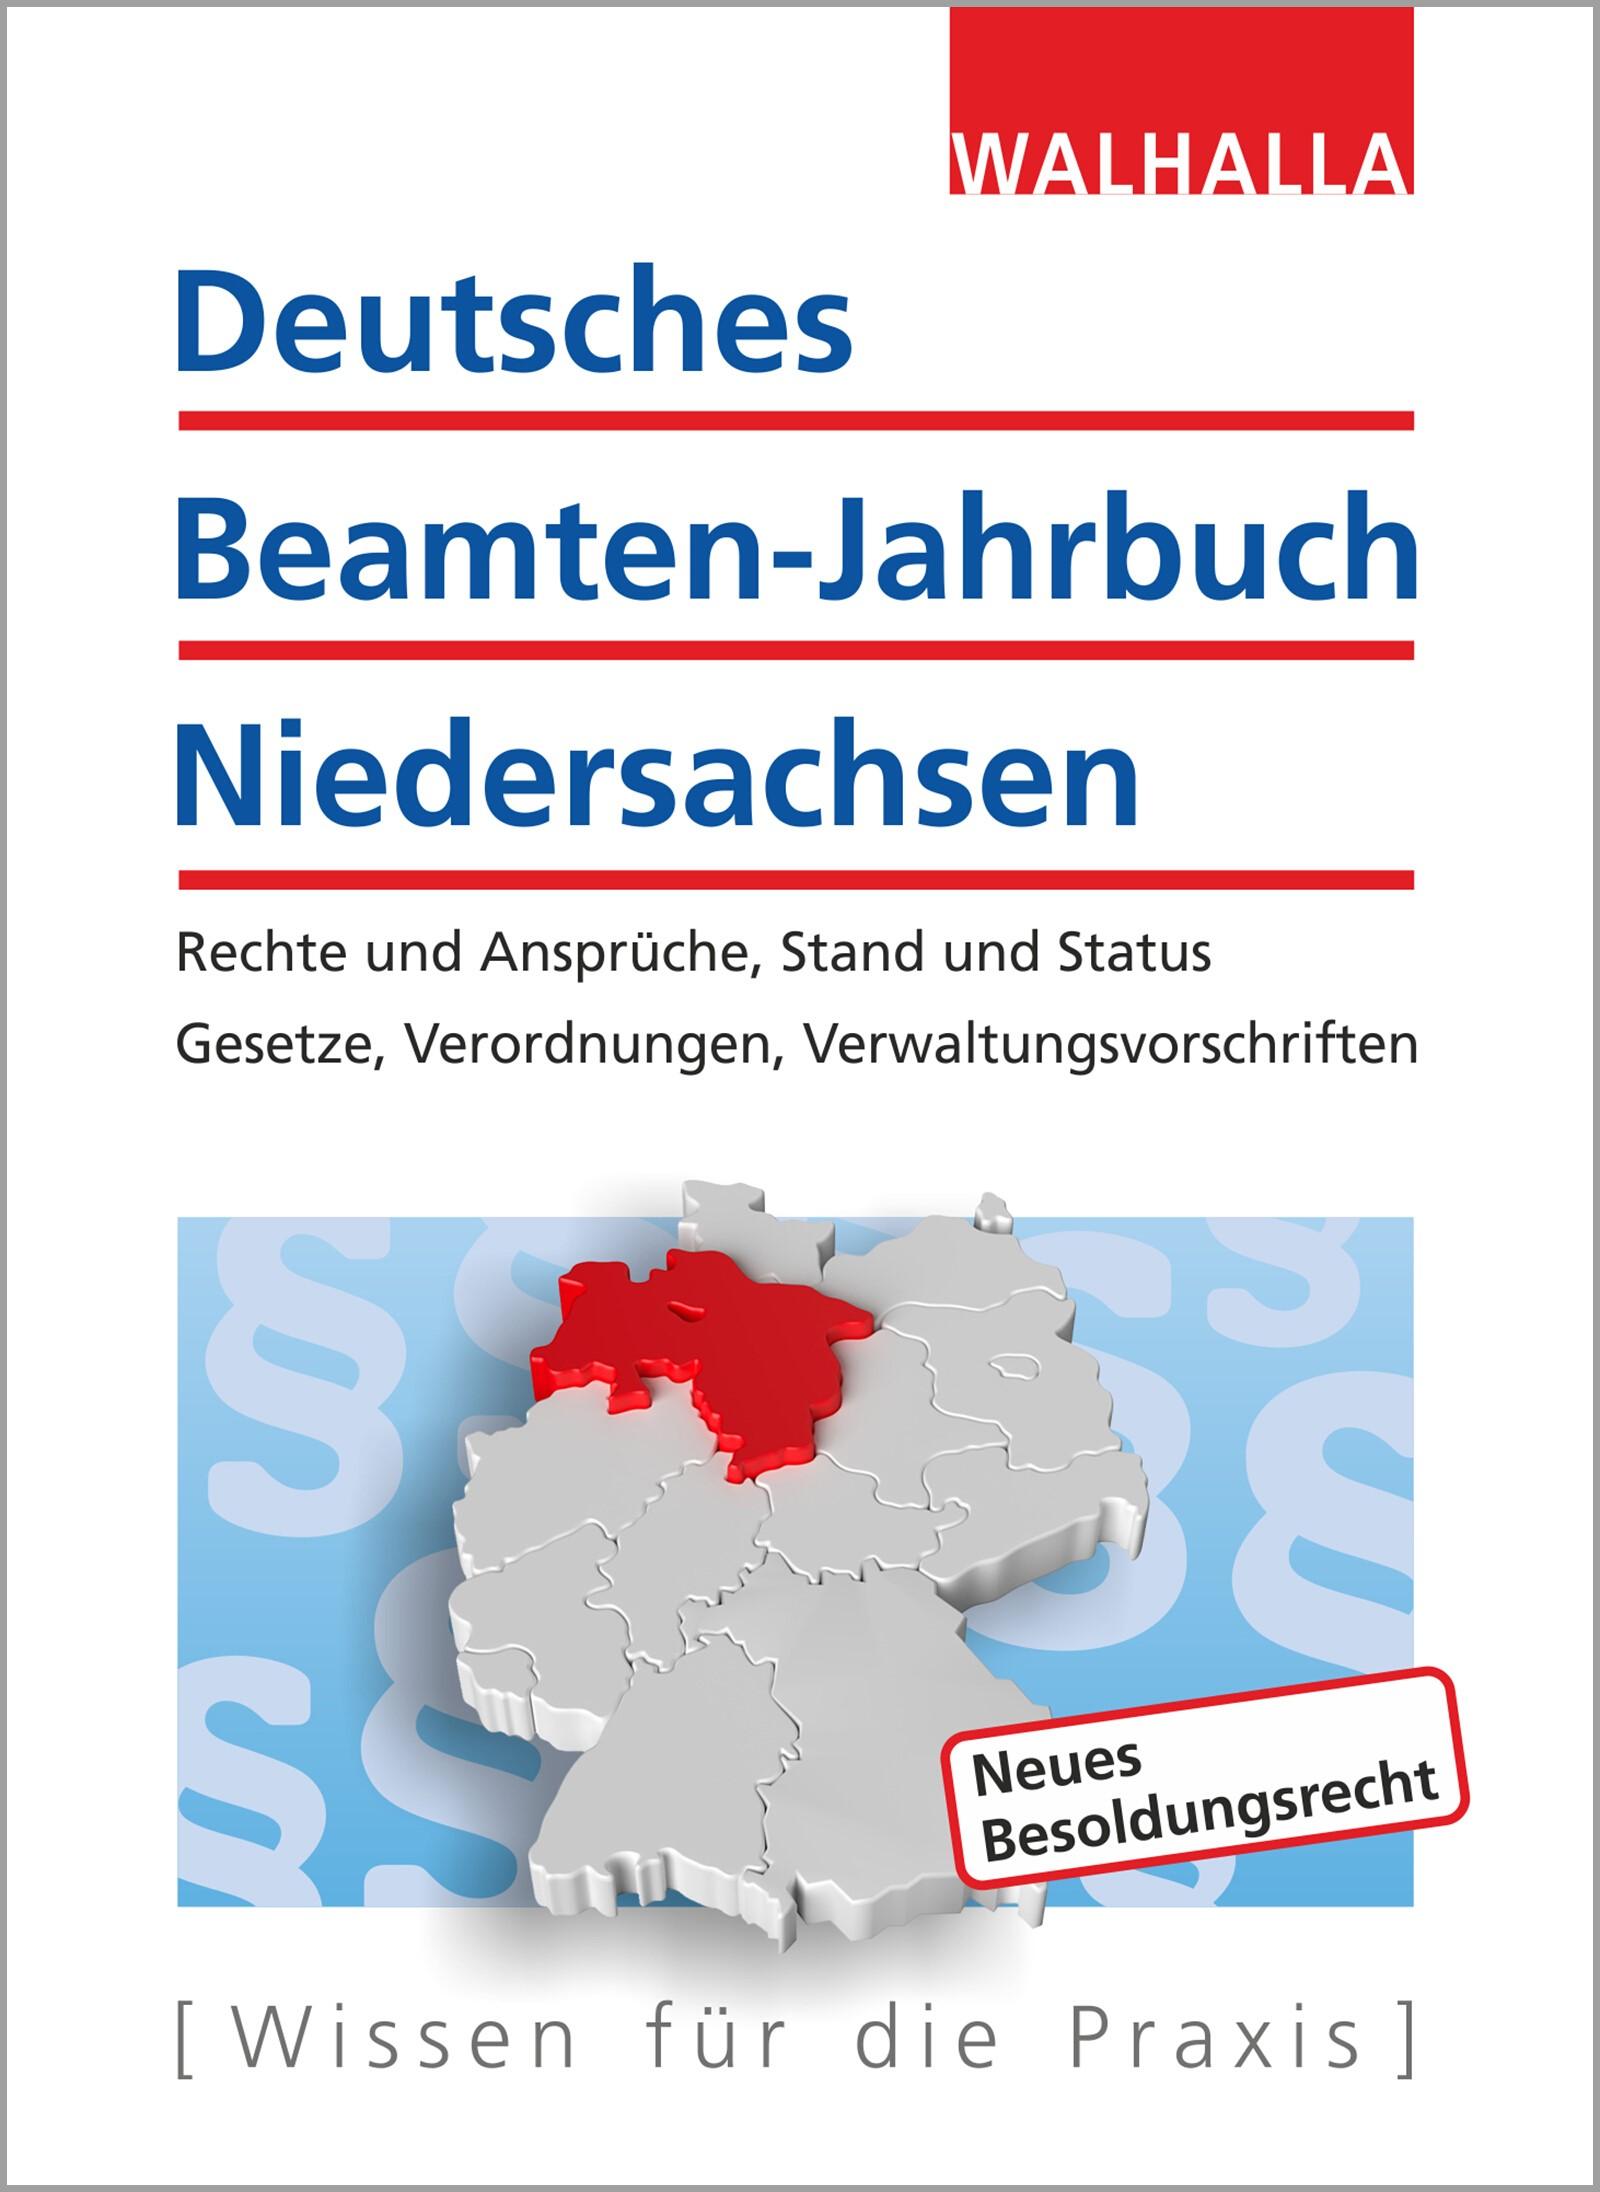 Deutsches Beamten-Jahrbuch Niedersachsen Jahresband 2017 | Walhalla Fachredaktion | 9. Auflage, 2017 | Buch (Cover)